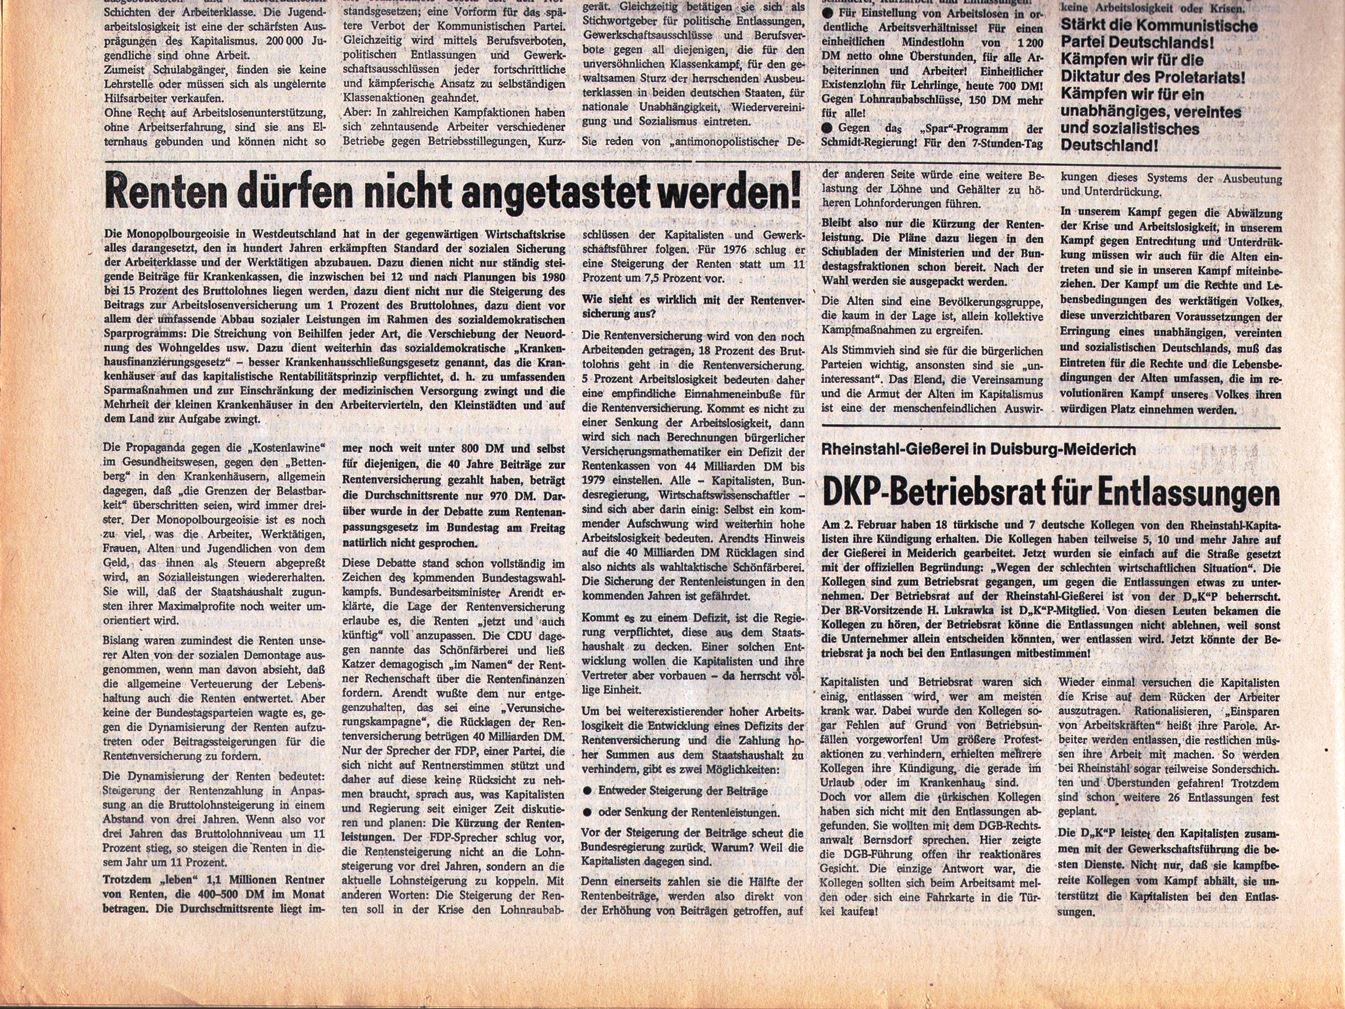 KPD_Rote_Fahne_1976_08_12